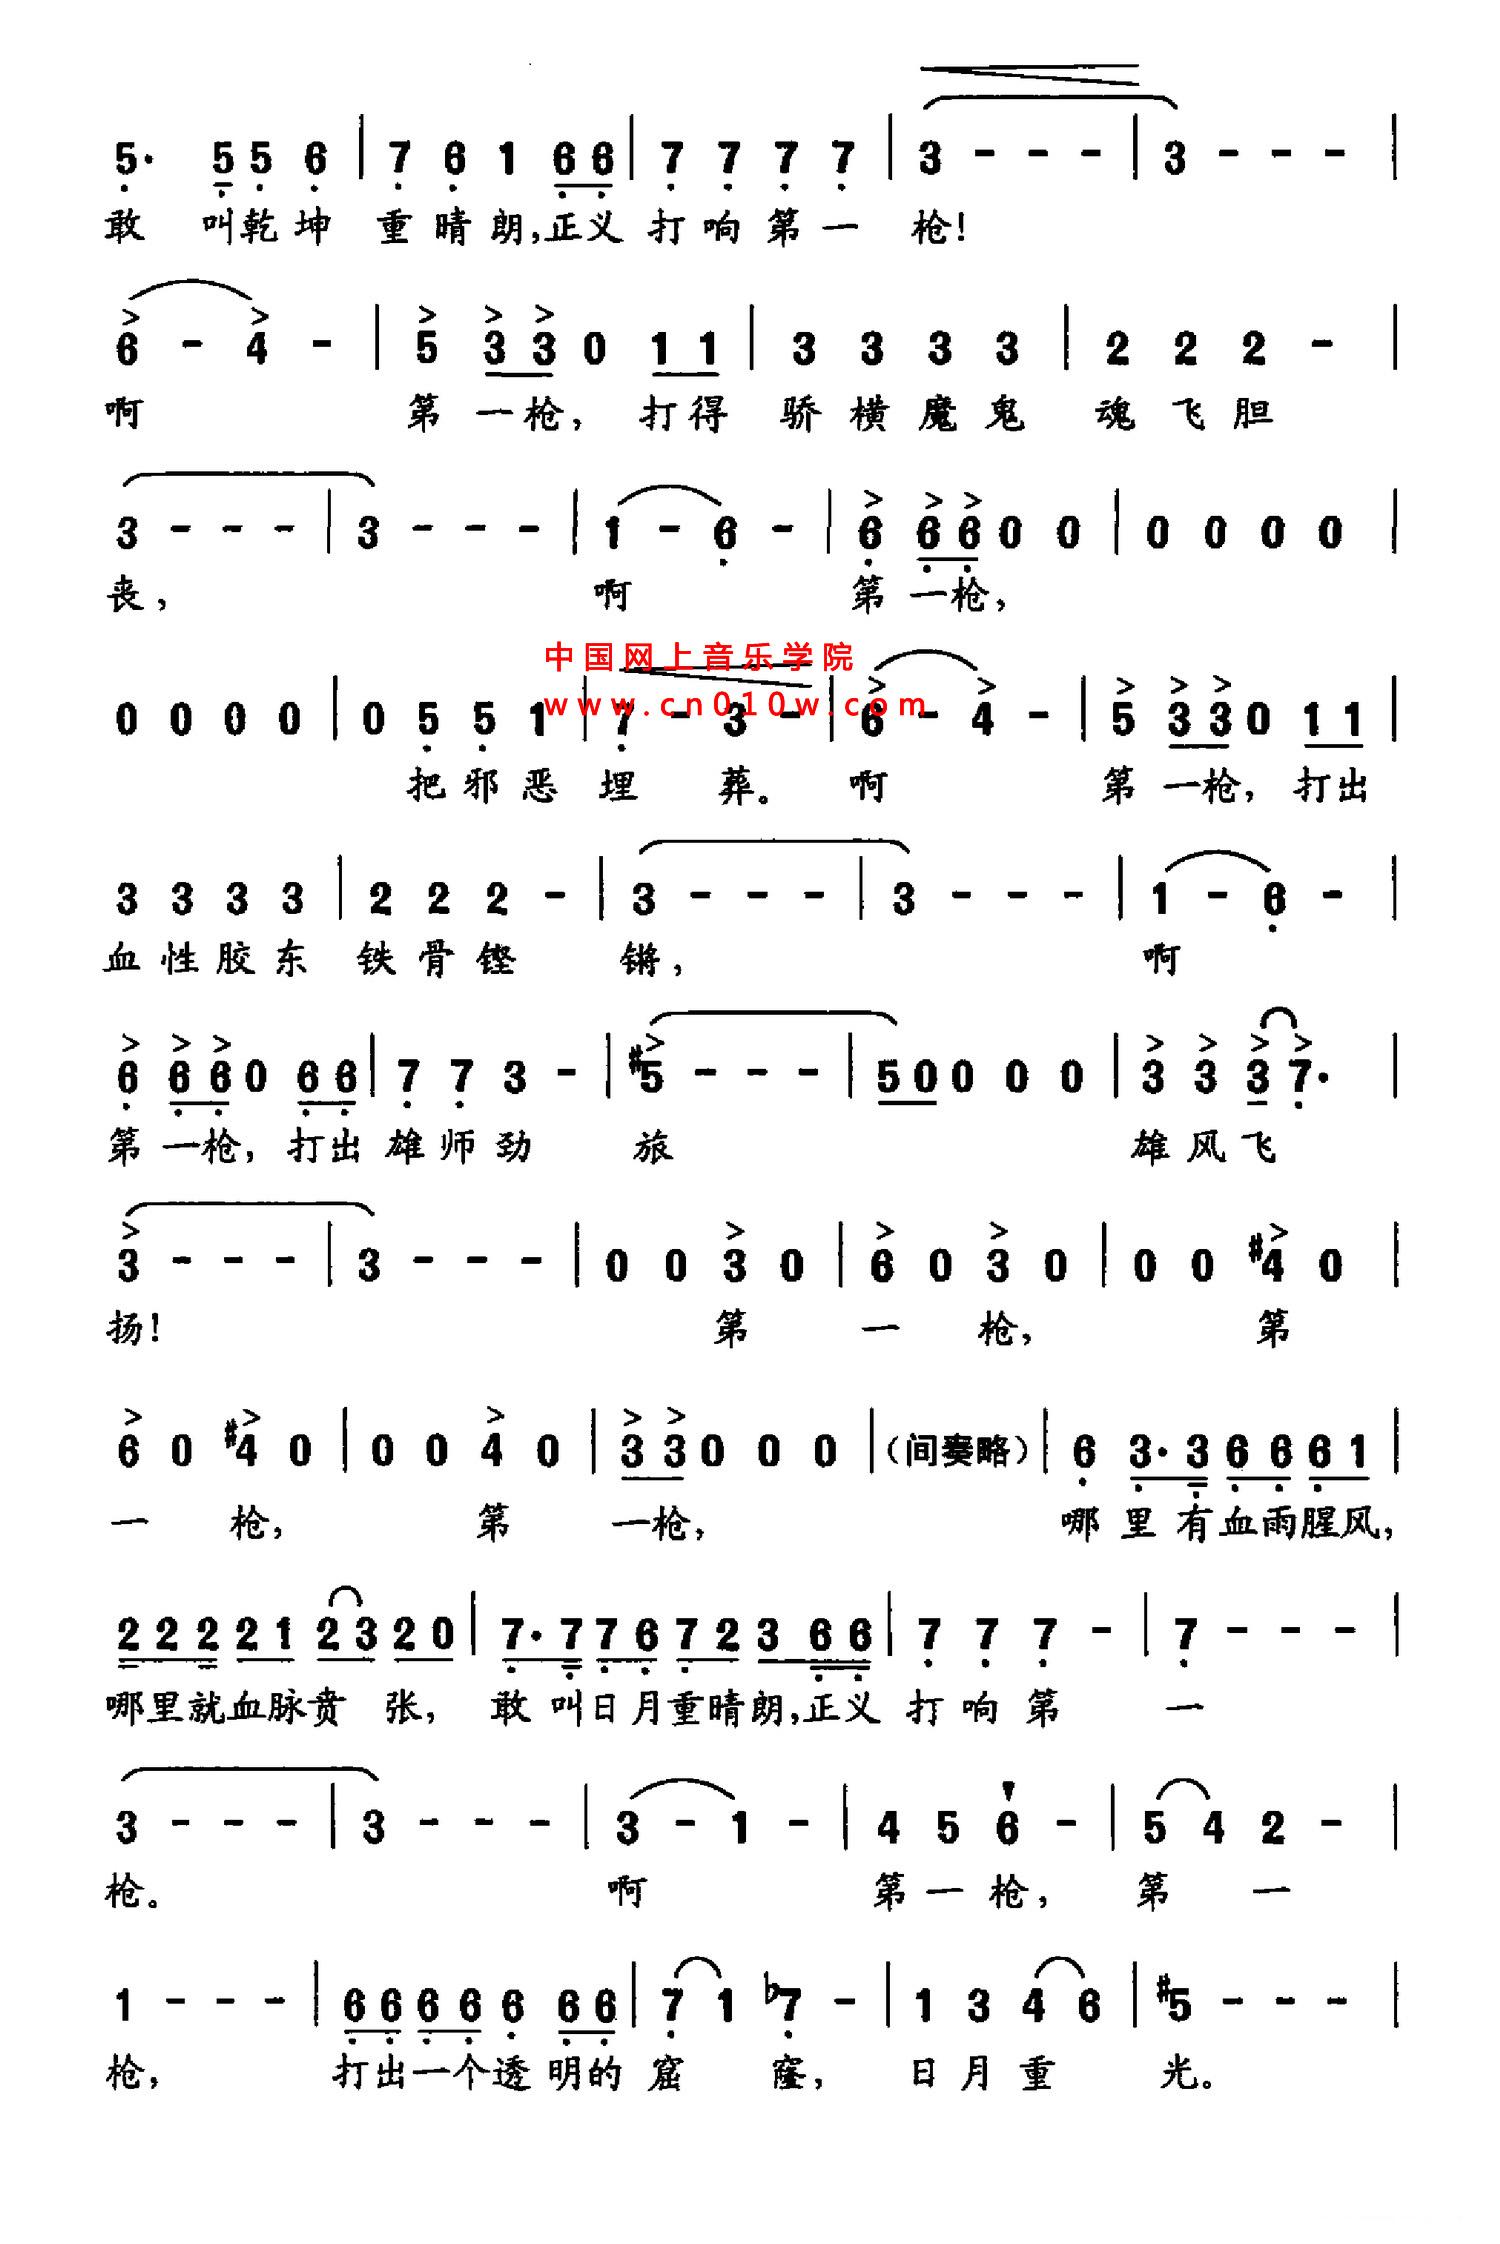 枪声响合唱谱子-民歌曲谱 第一枪02